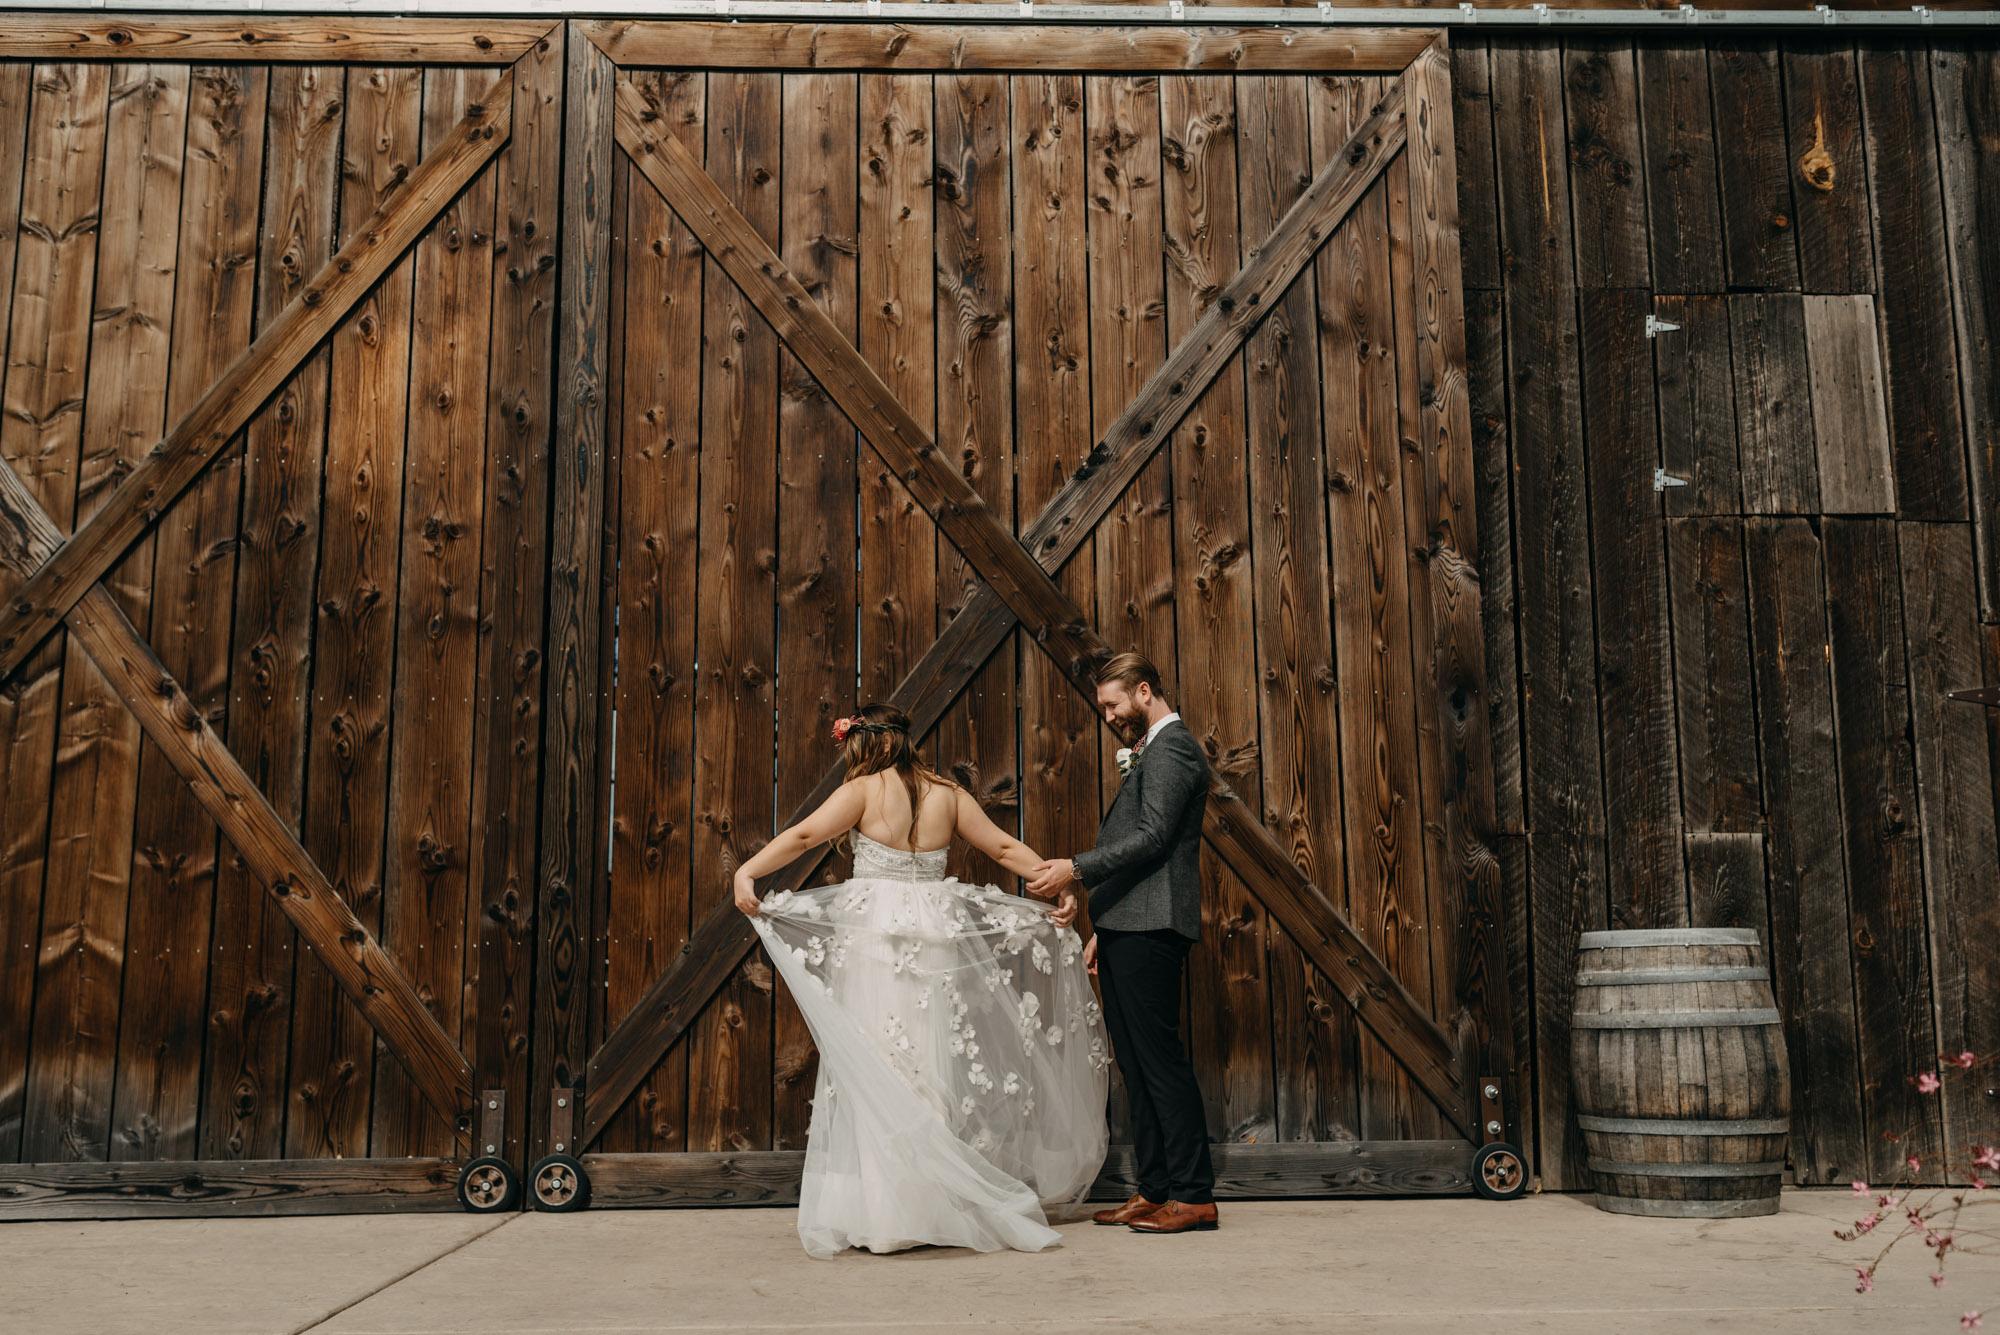 Outdoor-First-Look-Washington-Wedding-Barn-Door-8131.jpg